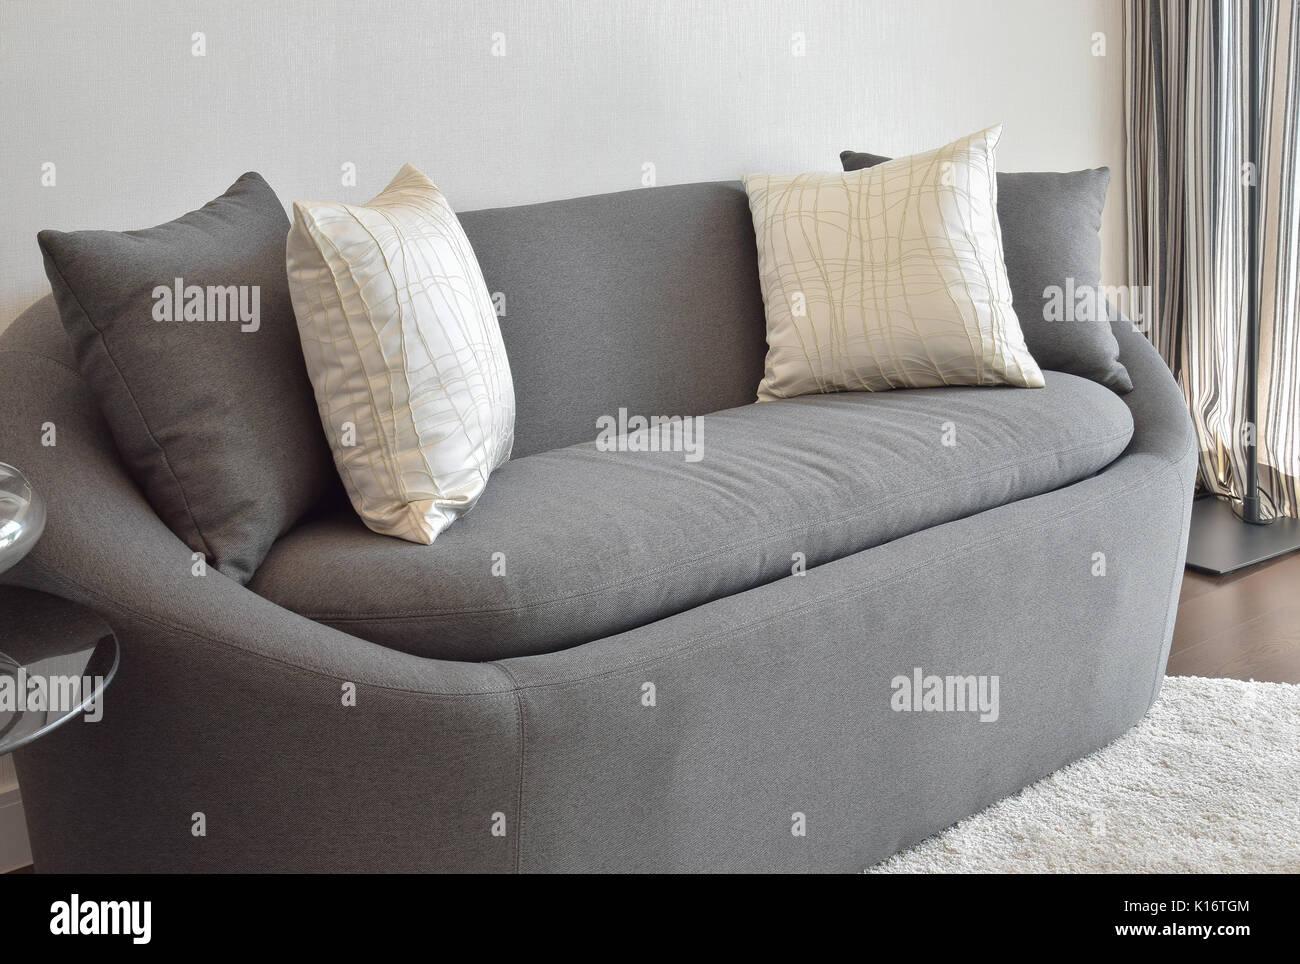 Blanc et gris coussin déco sur un canapé dans le salon ...